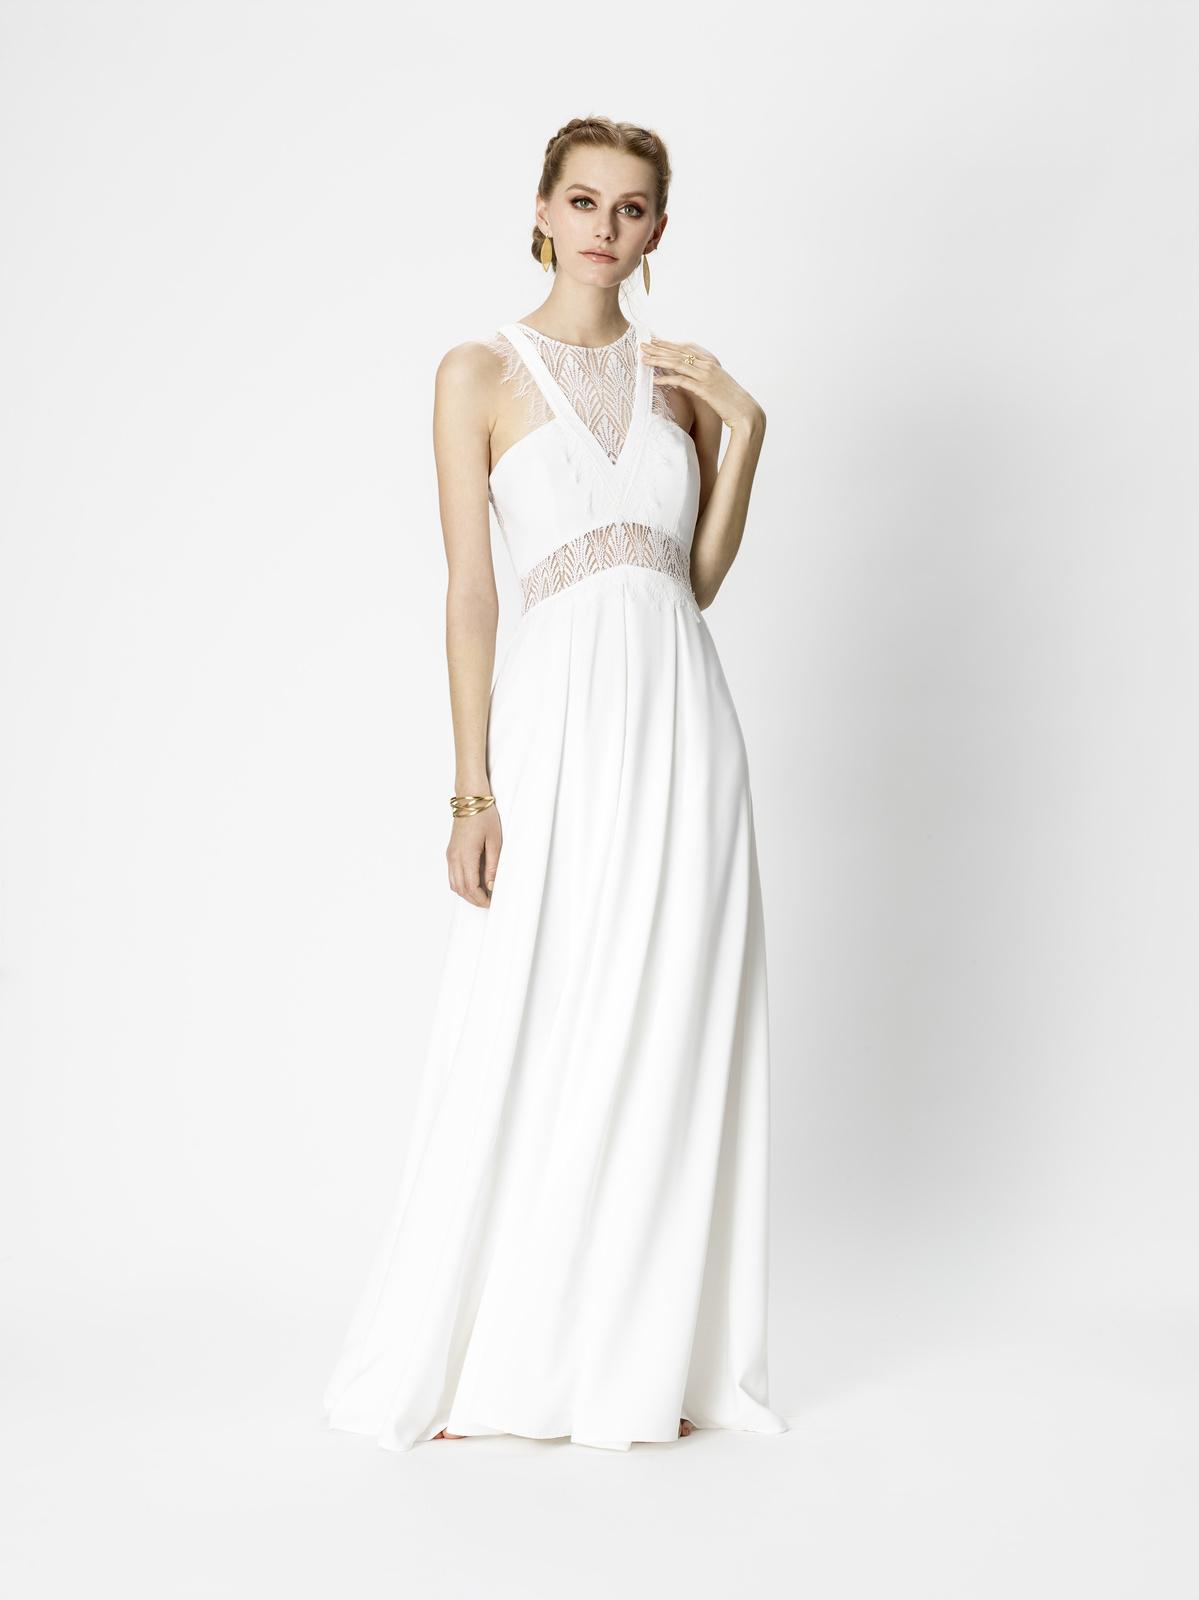 Brautkleid Balou von Rembo Styling auf Ja.de